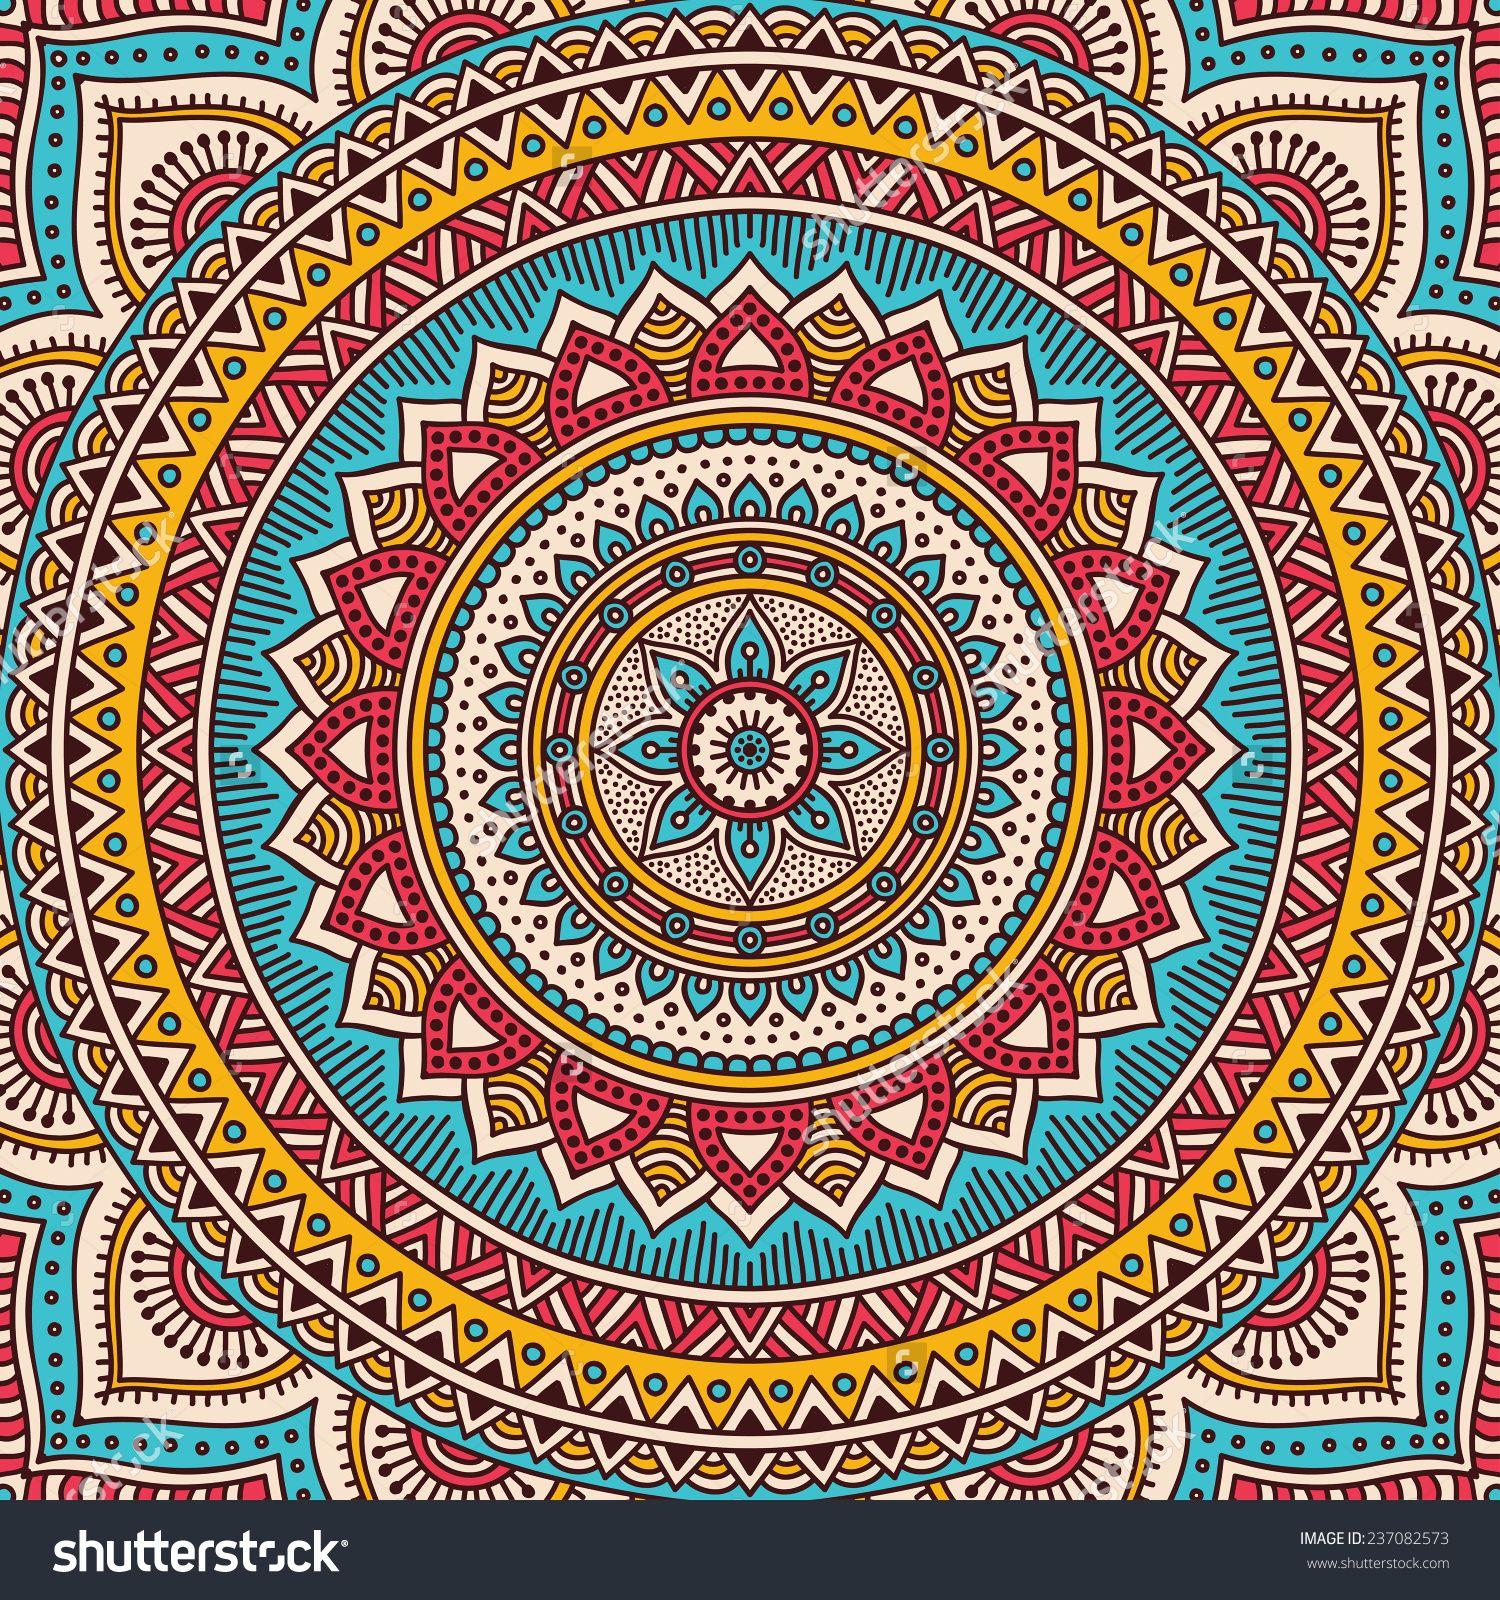 Mandala Background Vintage Decorative Elements Hand